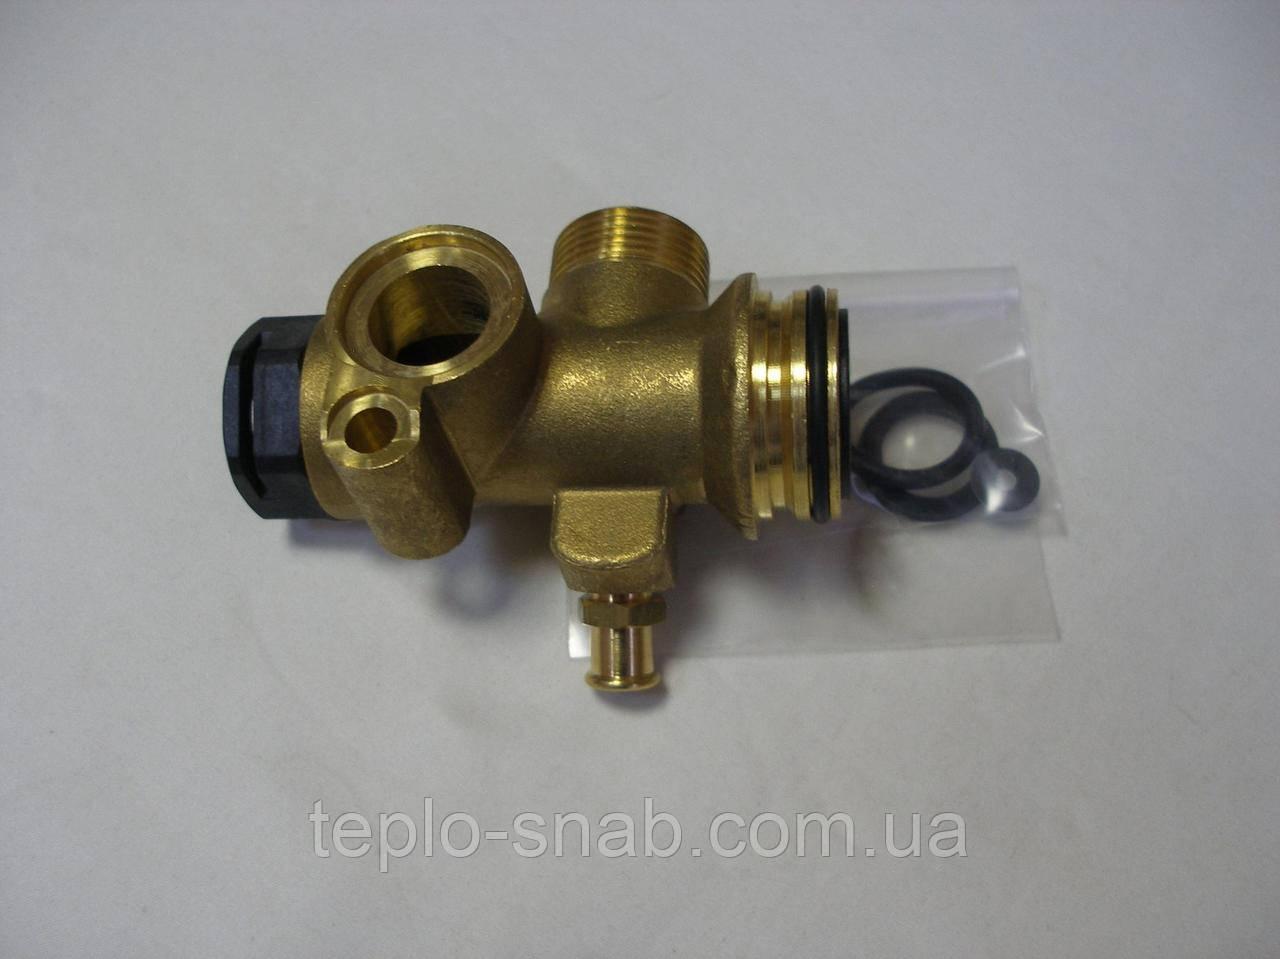 3-х ходовой клапан в сборе Hermann Micra 2 new 10005979, Tiberis. 803000014